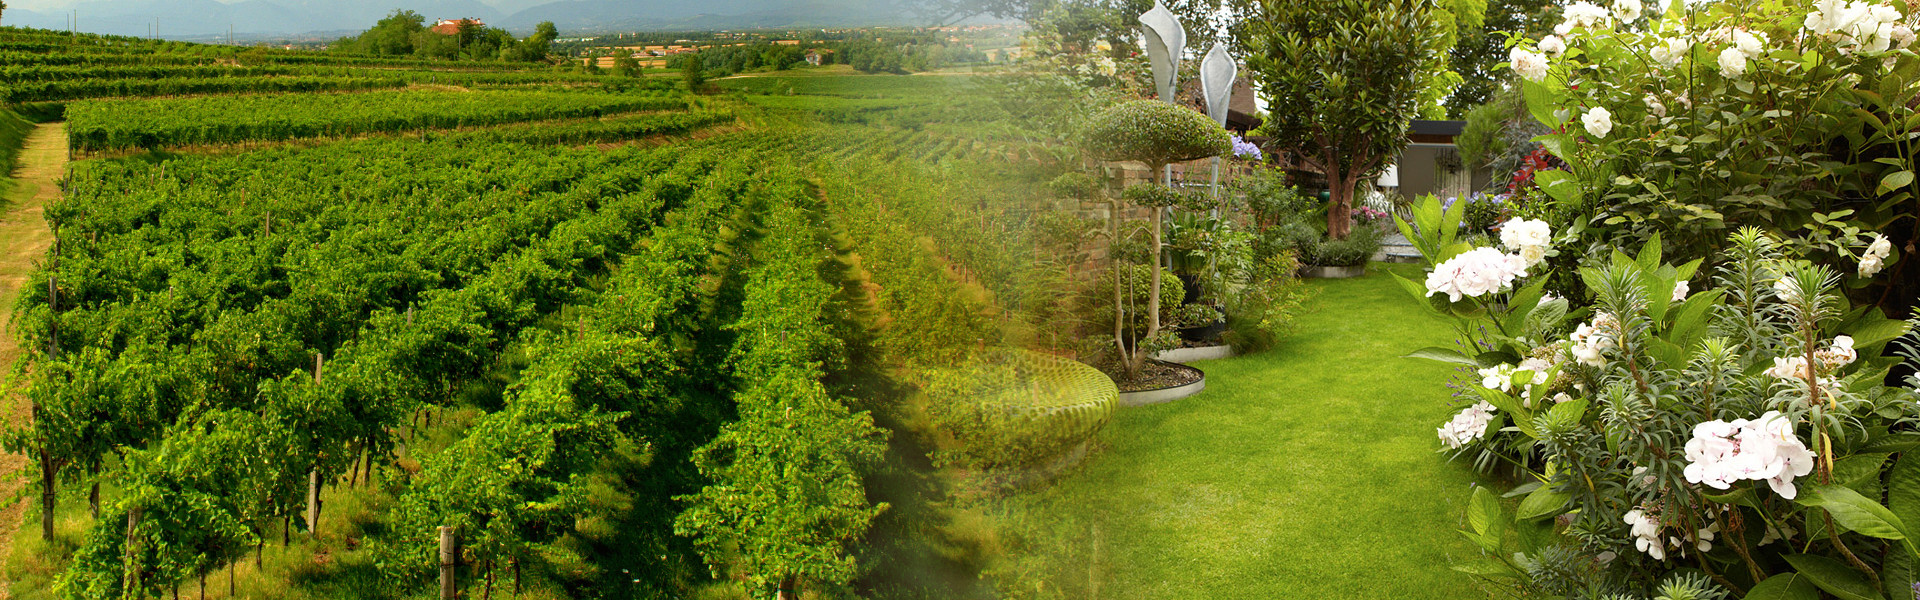 Areaverde  Progettazione giardini e Agronomia